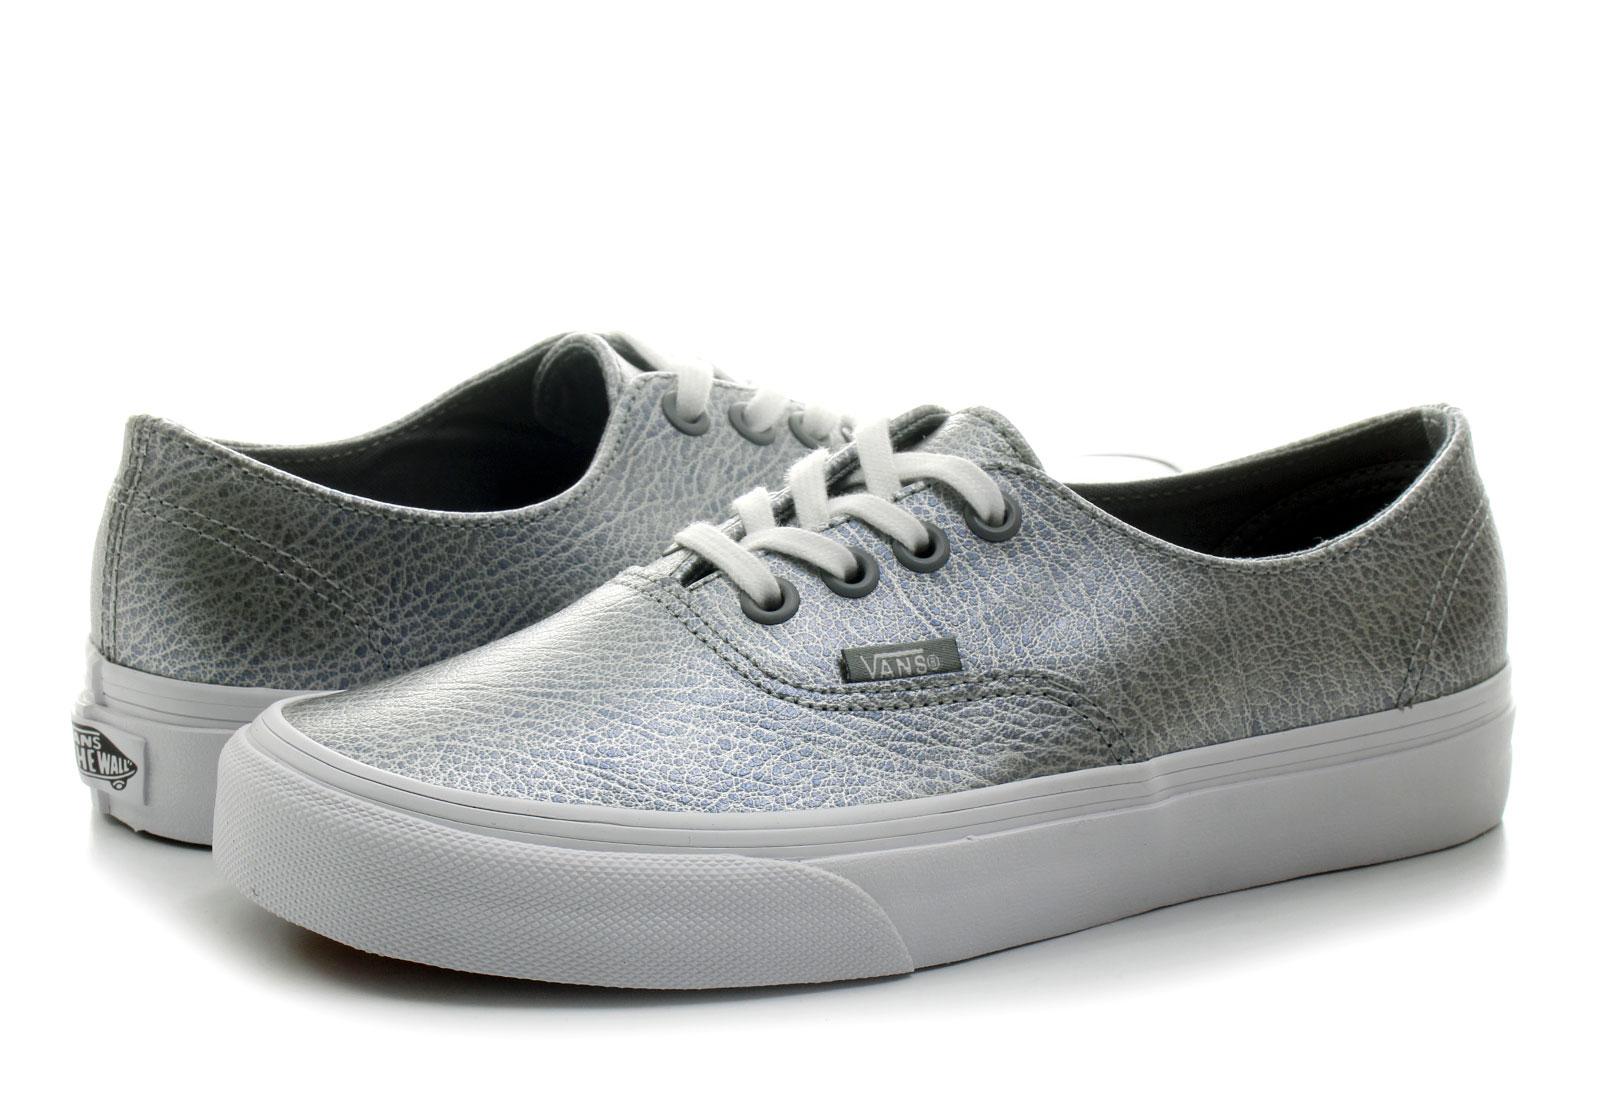 Vans Sneakers - Authentic Decon - V18CIT1 - Online shop for ... 5b13fe3a8b